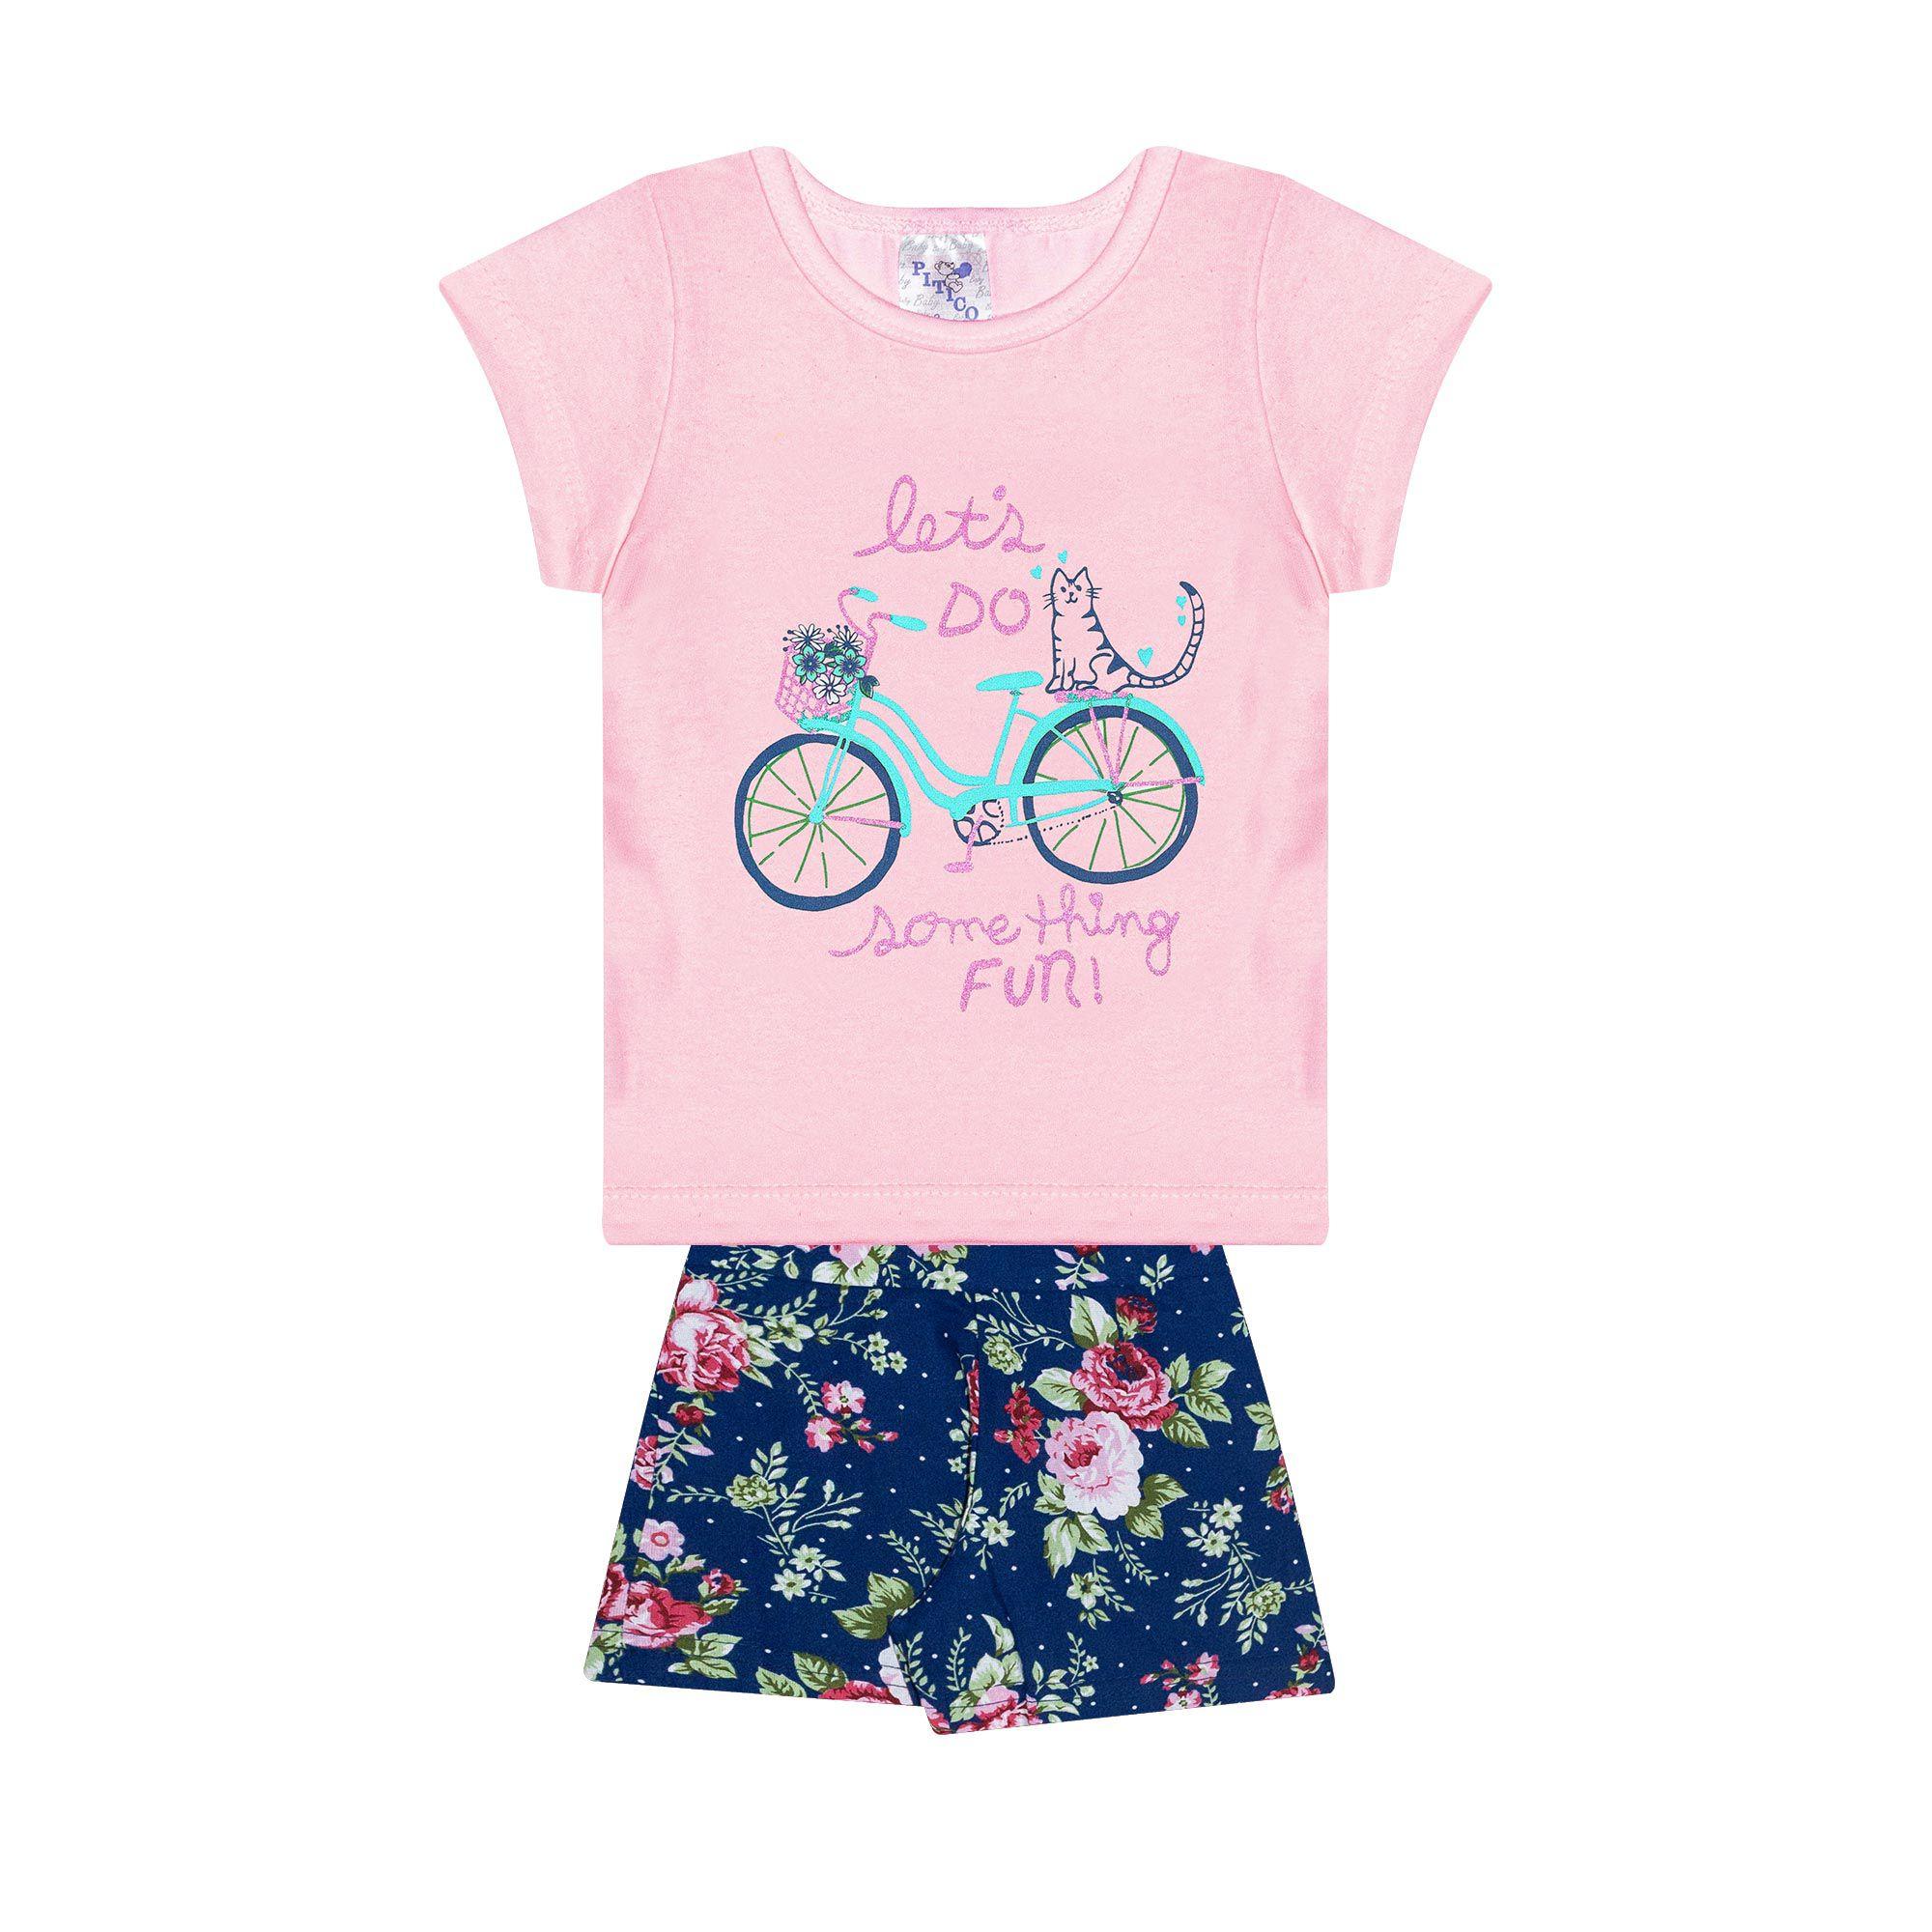 Conjunto Infantil Feminino - Ref 1012 - Rosa/Azul - Pitico